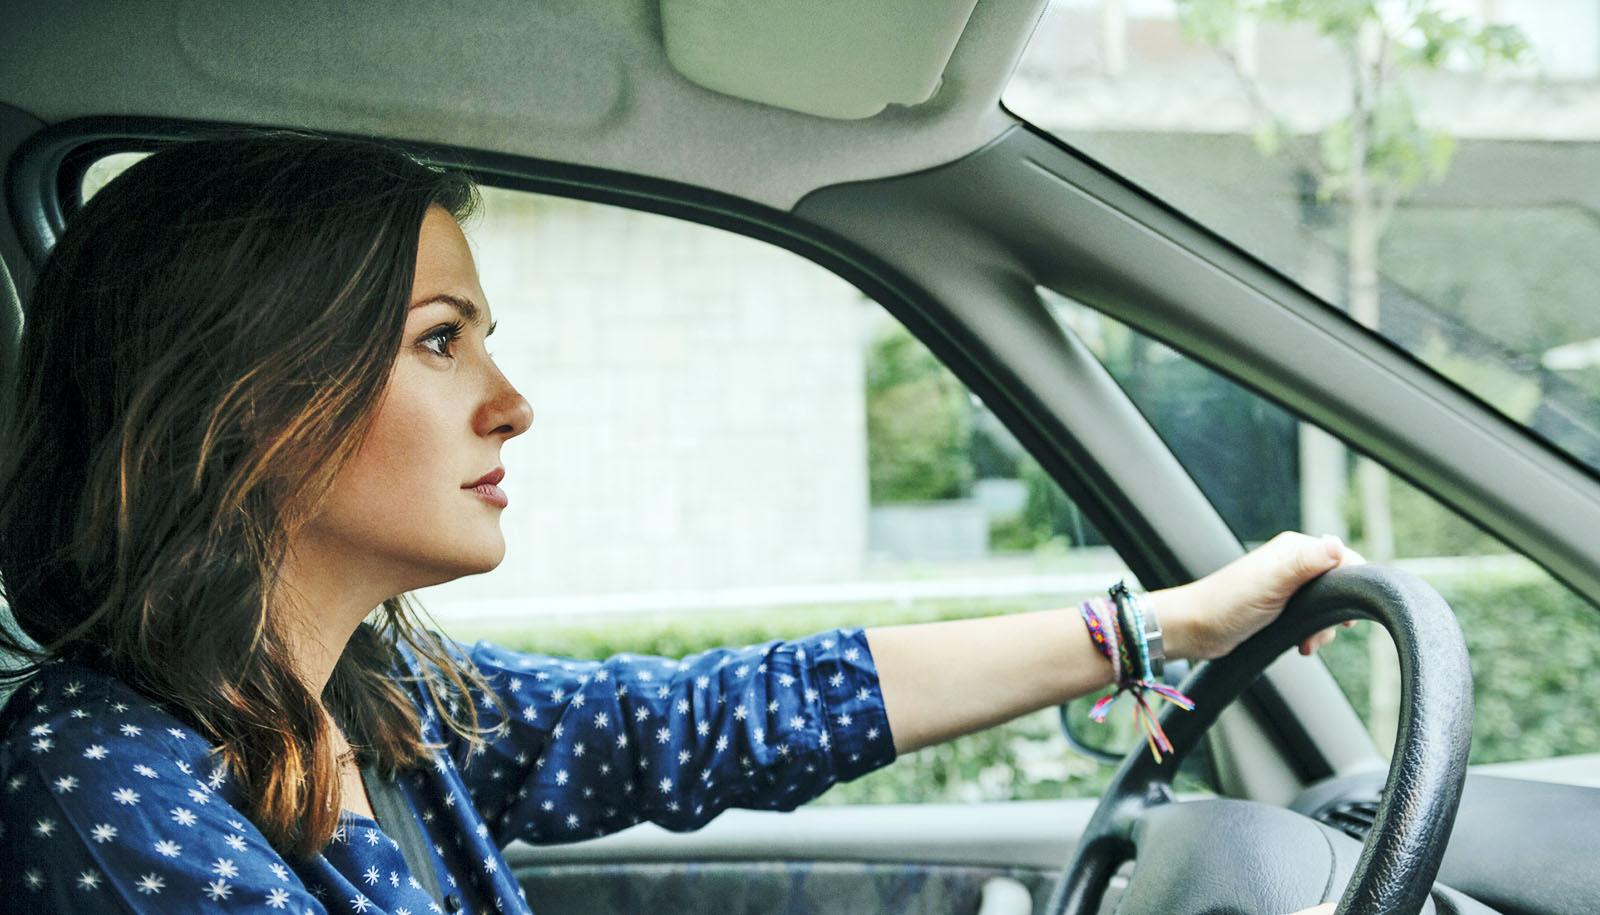 اكتشفي تفسير حلم قيادة السيارة